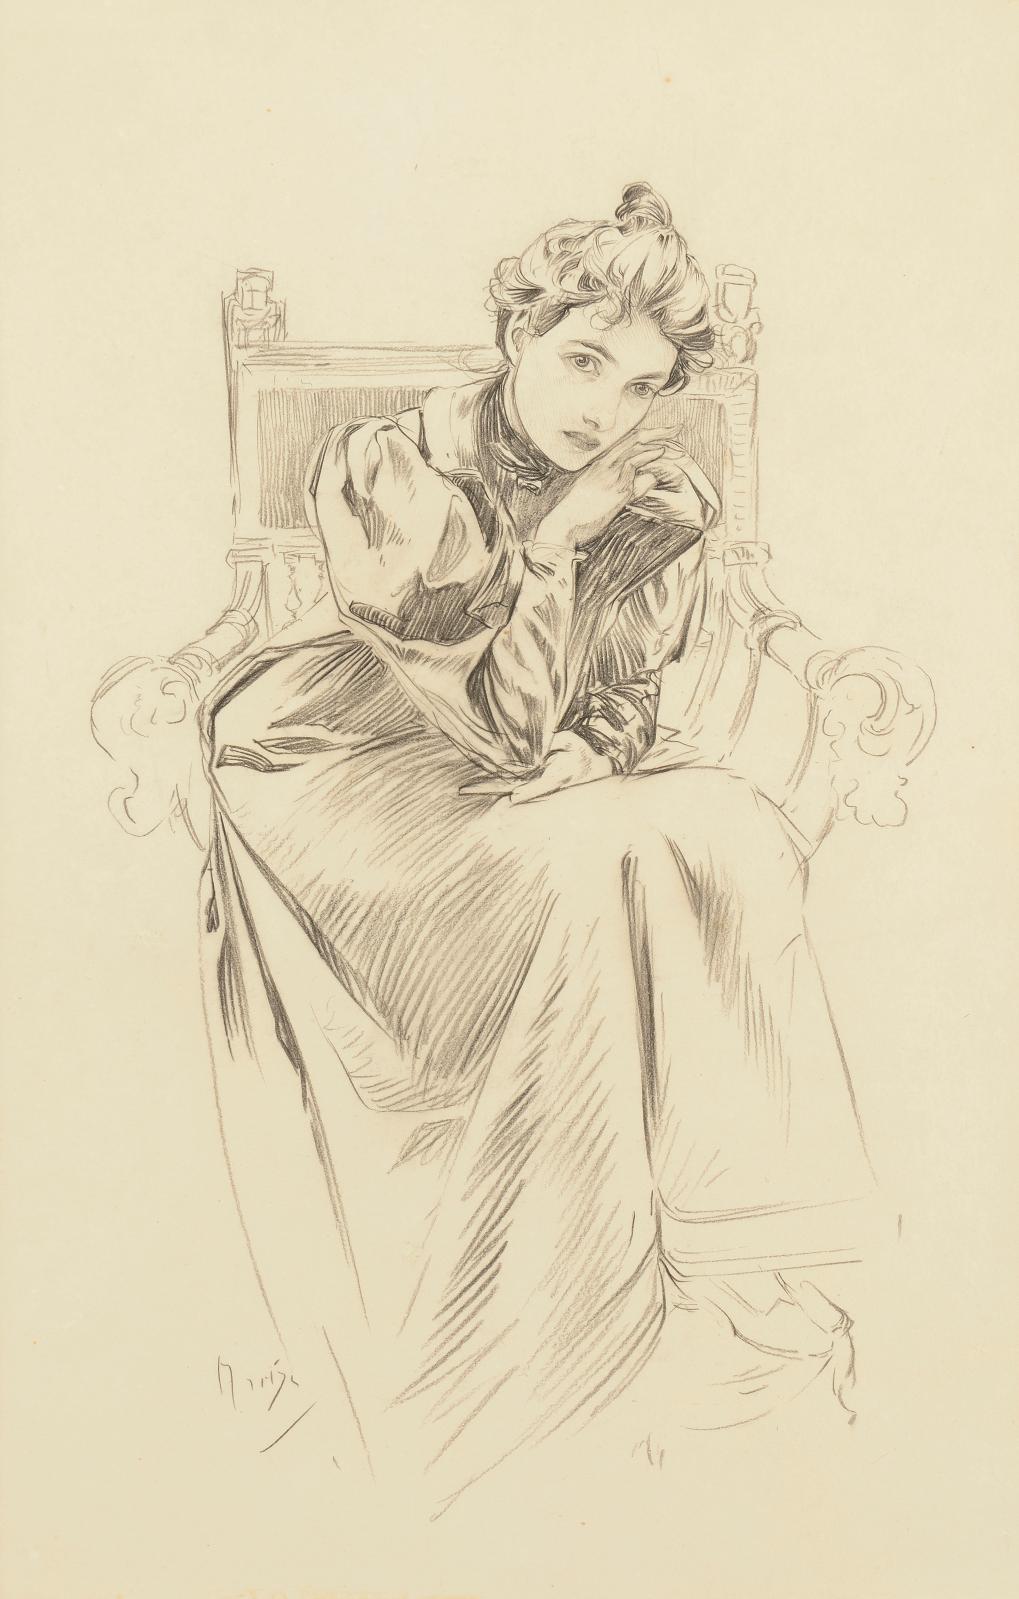 """Alphonse Mucha (1860-1939), """"Un modèle dans l'atelier de l'artiste, rue du Val-de-Grâce"""", c. 1900, black stone drawing, 45.5 x 30.5 cm.Paris, Drouot,"""